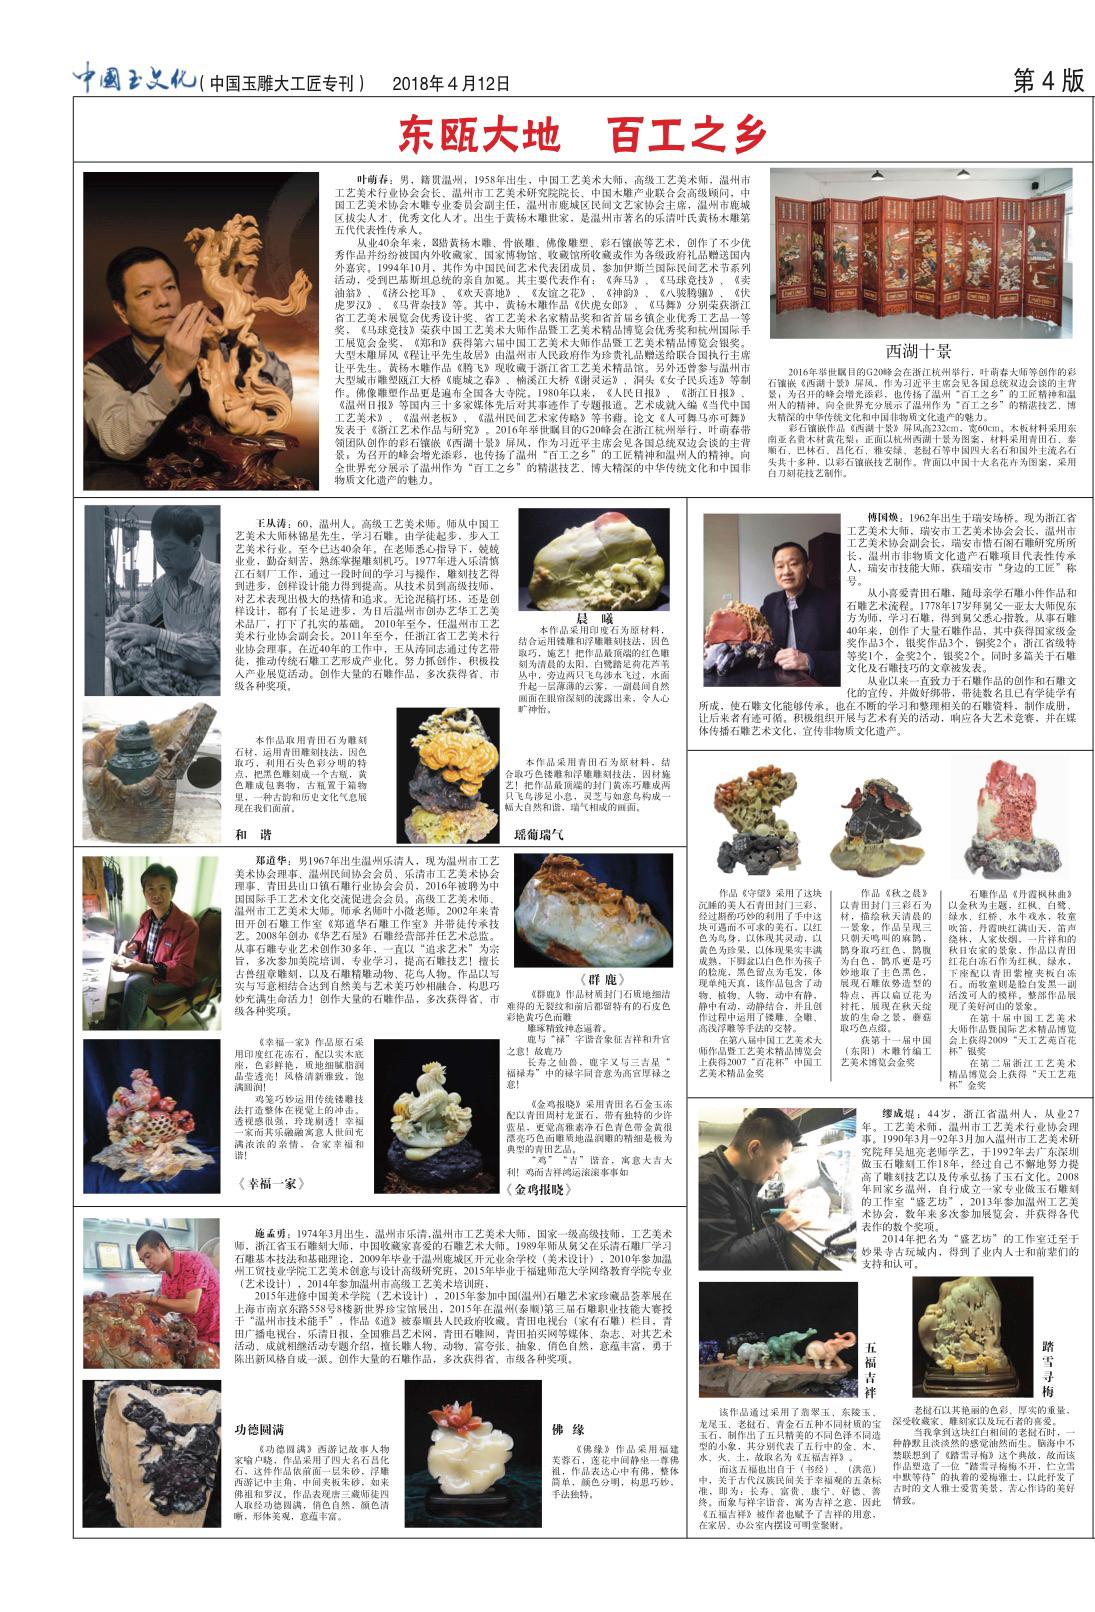 8玉文化报纸2.jpg